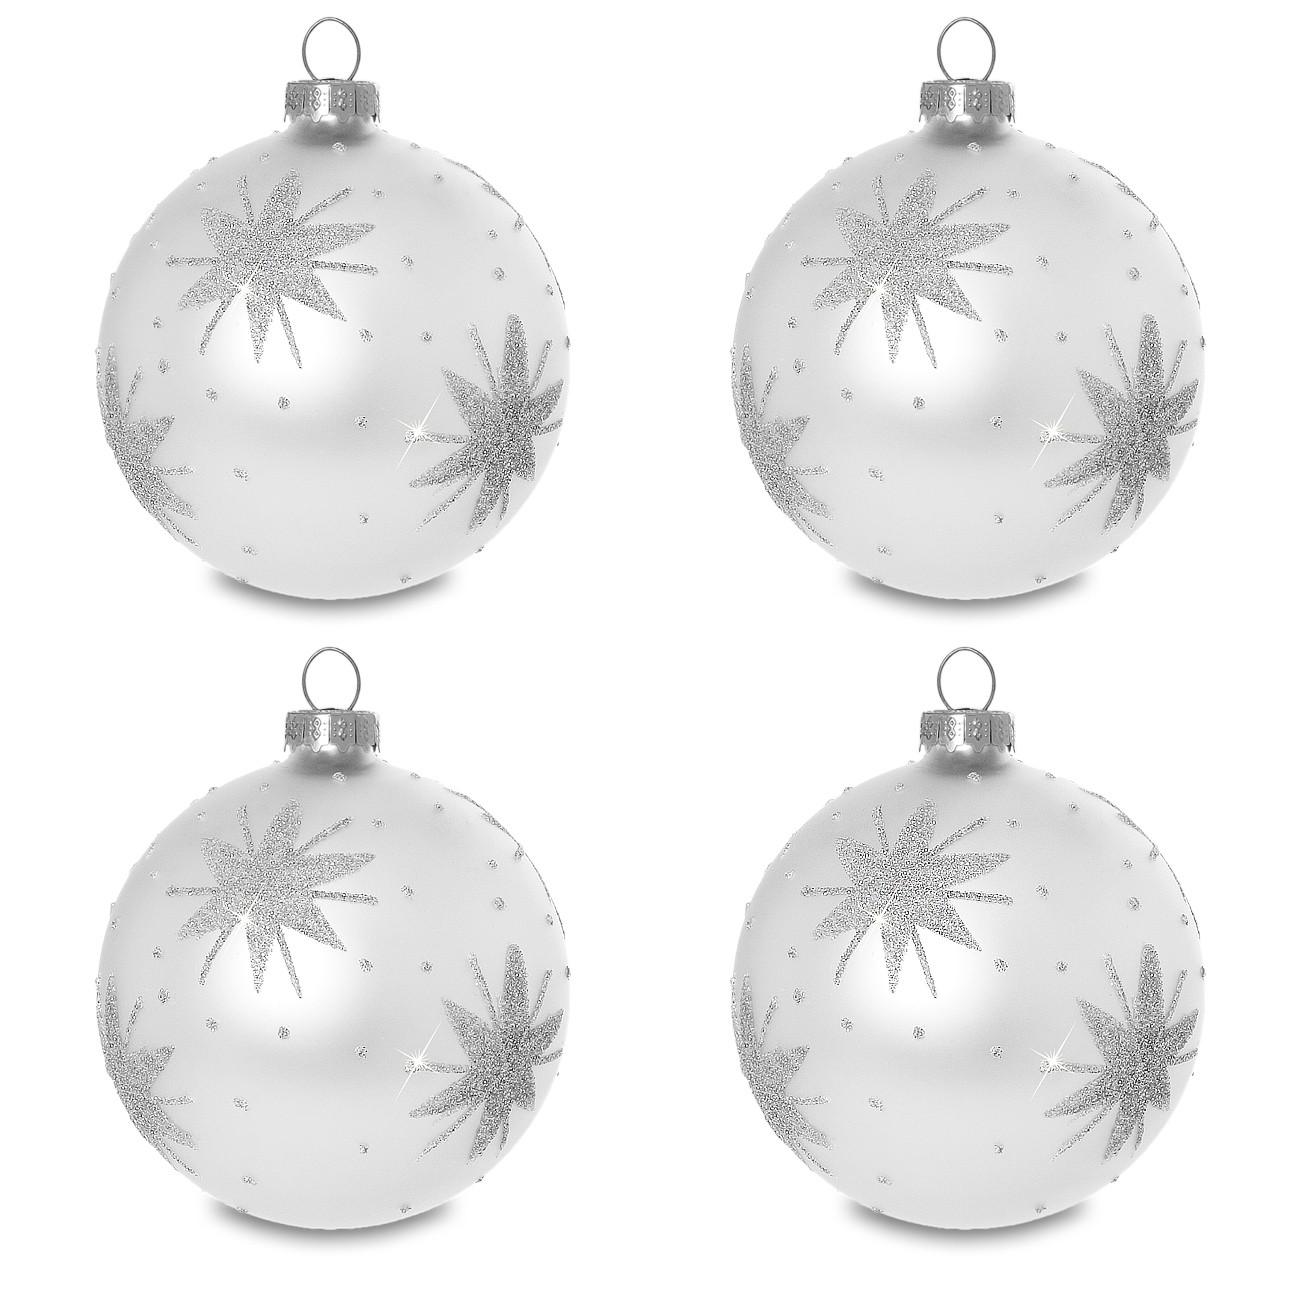 sikora christbaumkugeln aus glas mit klassischer verzierung stary night silber 4er set. Black Bedroom Furniture Sets. Home Design Ideas